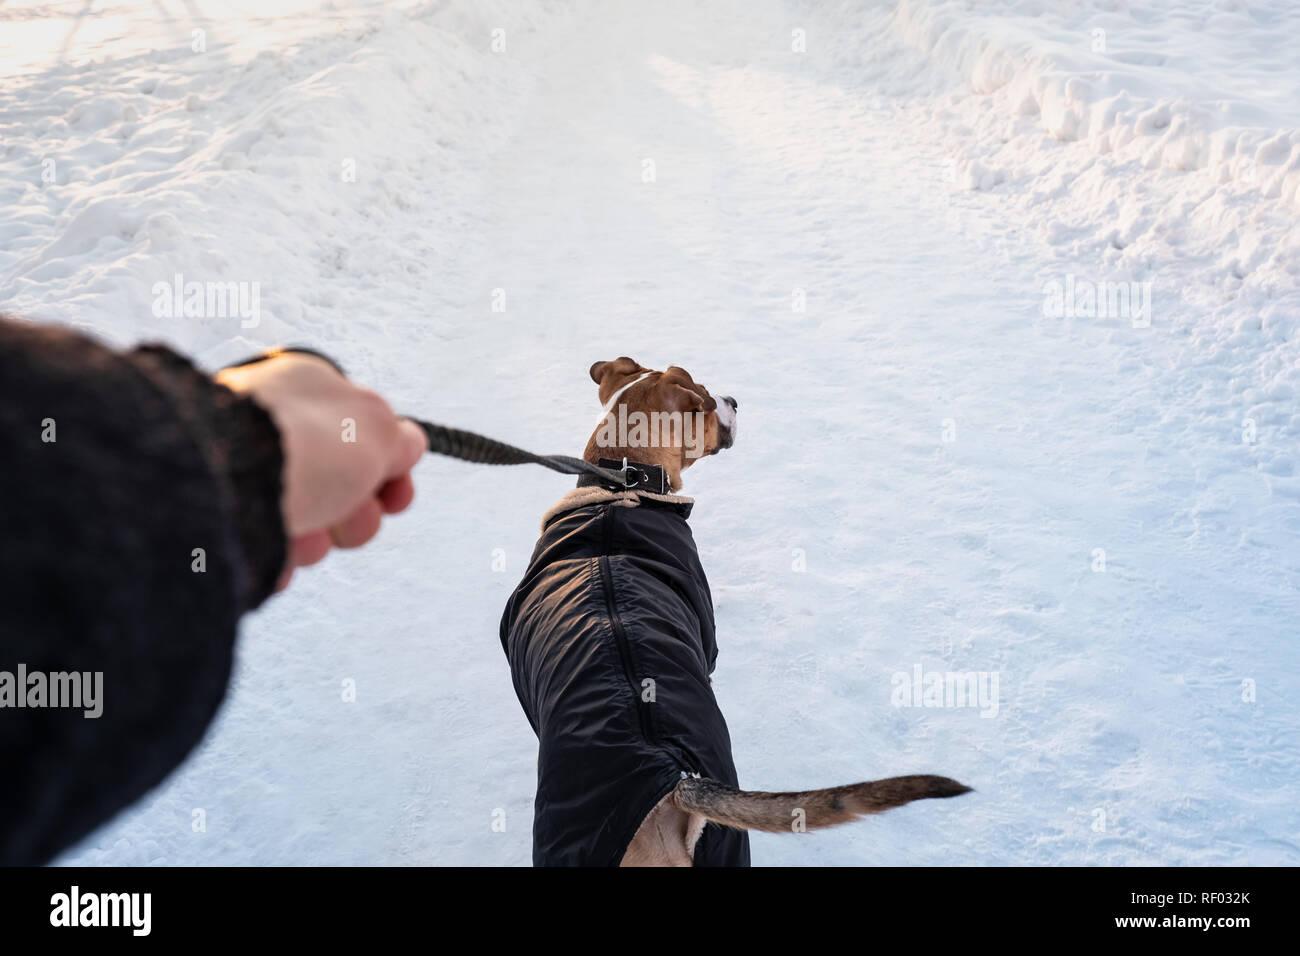 A piedi con un cane in mano su freddo giorno d'inverno. Persona con un cane in giacca calda al guinzaglio in un parco , proprietario del punto di vista Foto Stock